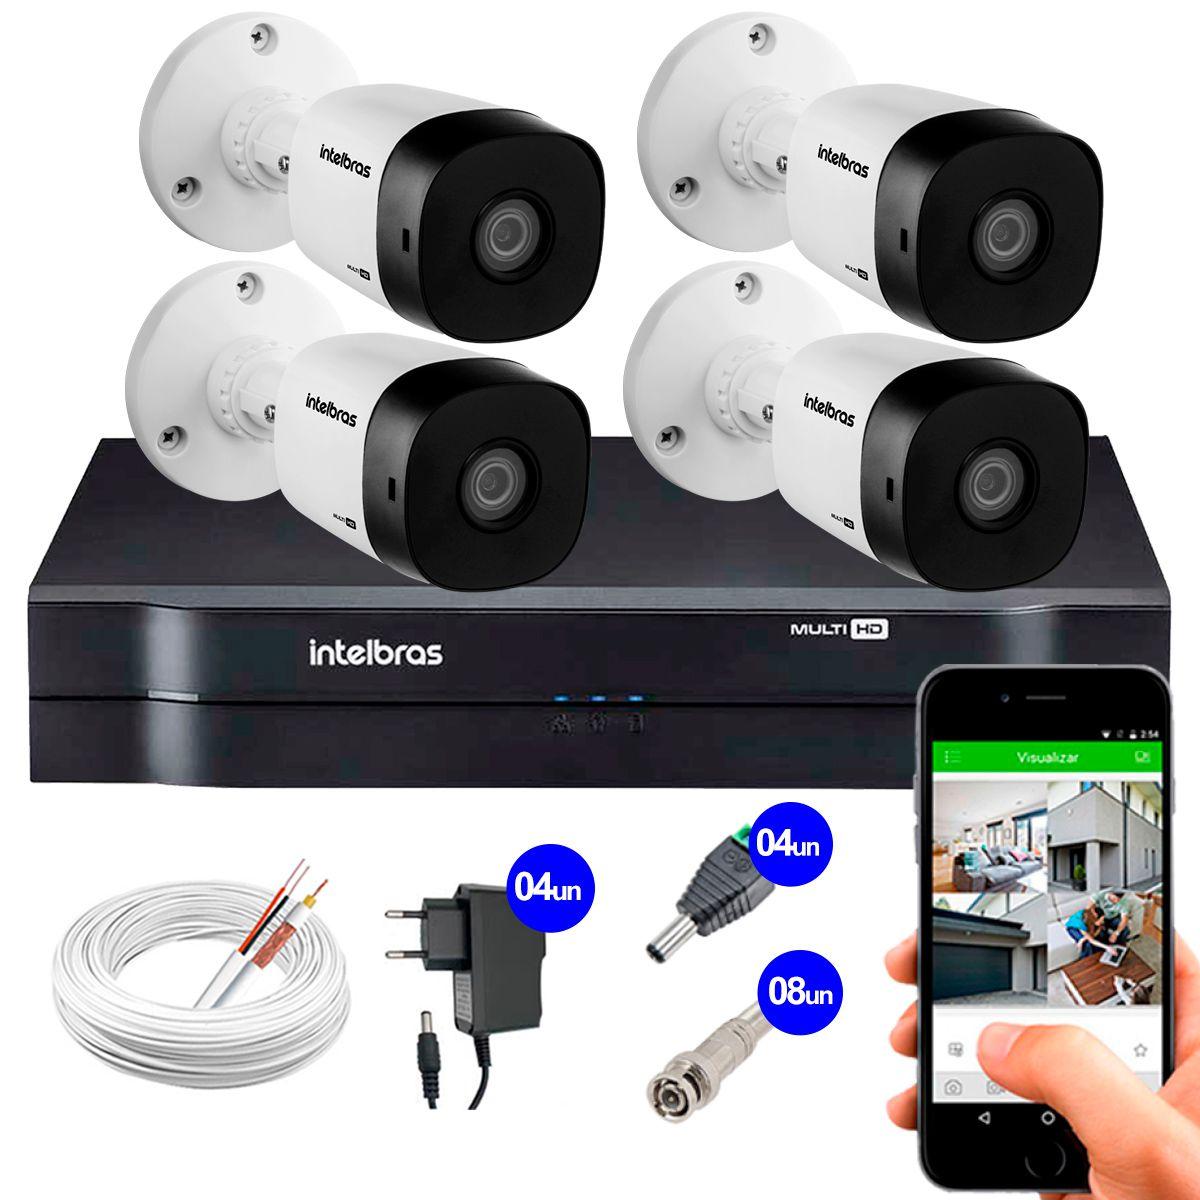 Kit 4 Câmeras VHD 1010 B G5 + DVR Intelbras + App Grátis de Monitoramento, Câmeras HD 720p 10m Infravermelho de Visão Noturna Intelbras + Fonte, Cabos e Acessórios  - Tudo Forte